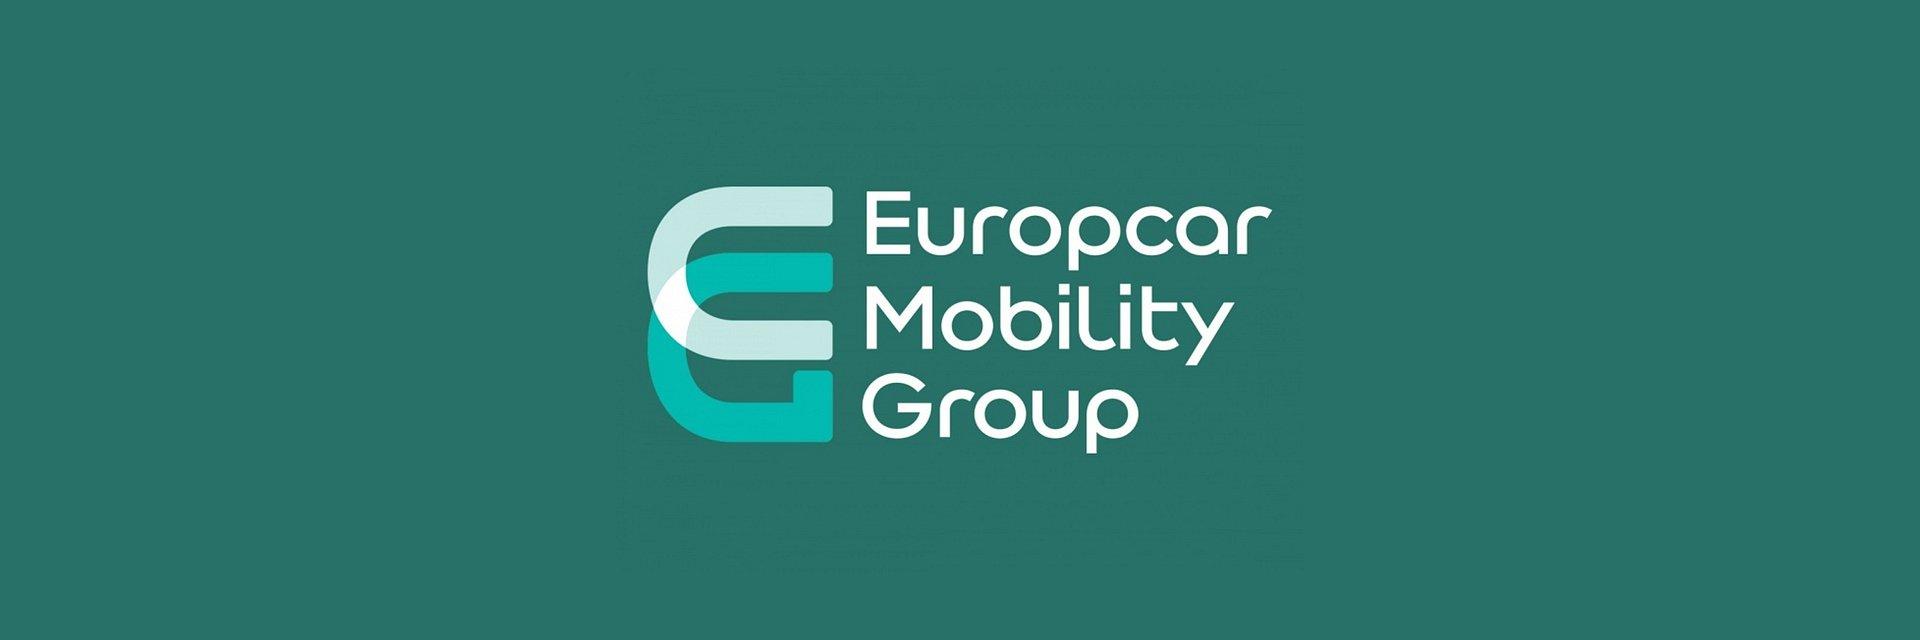 Unidade de Negócios de Mobilidade do Europcar Mobility Group regista crescimento recorde no final de 2019